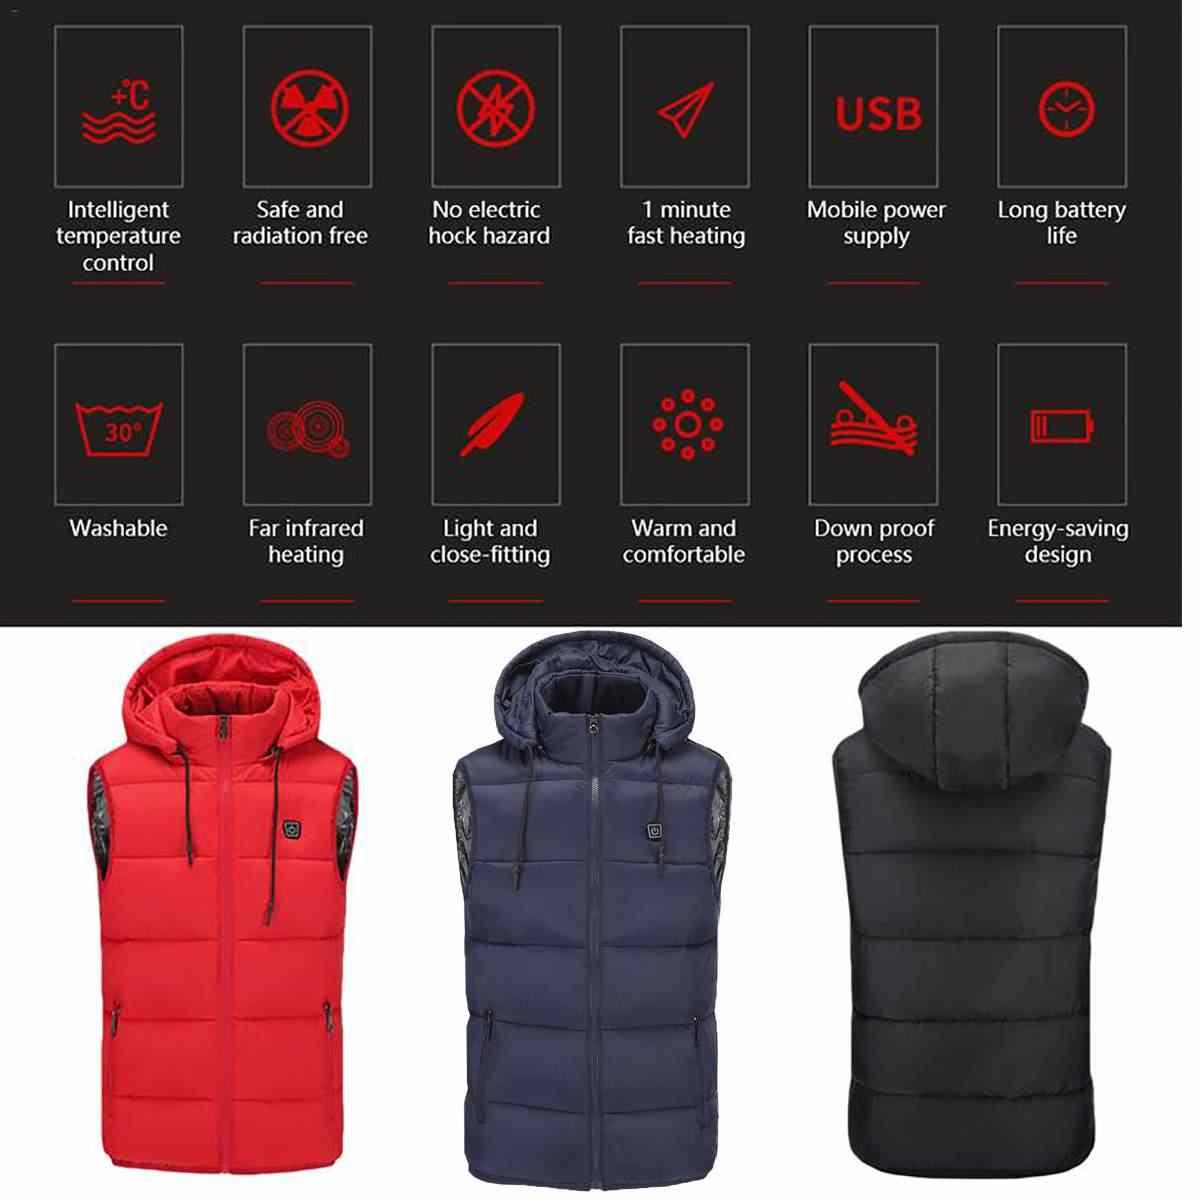 2018 neue Unisex Thermische Farben 5 V USB Heizung Elektrische Beheizte Weste Winter Warm Mit Kapuze Jacke Hut Kleidung Temp Control weste